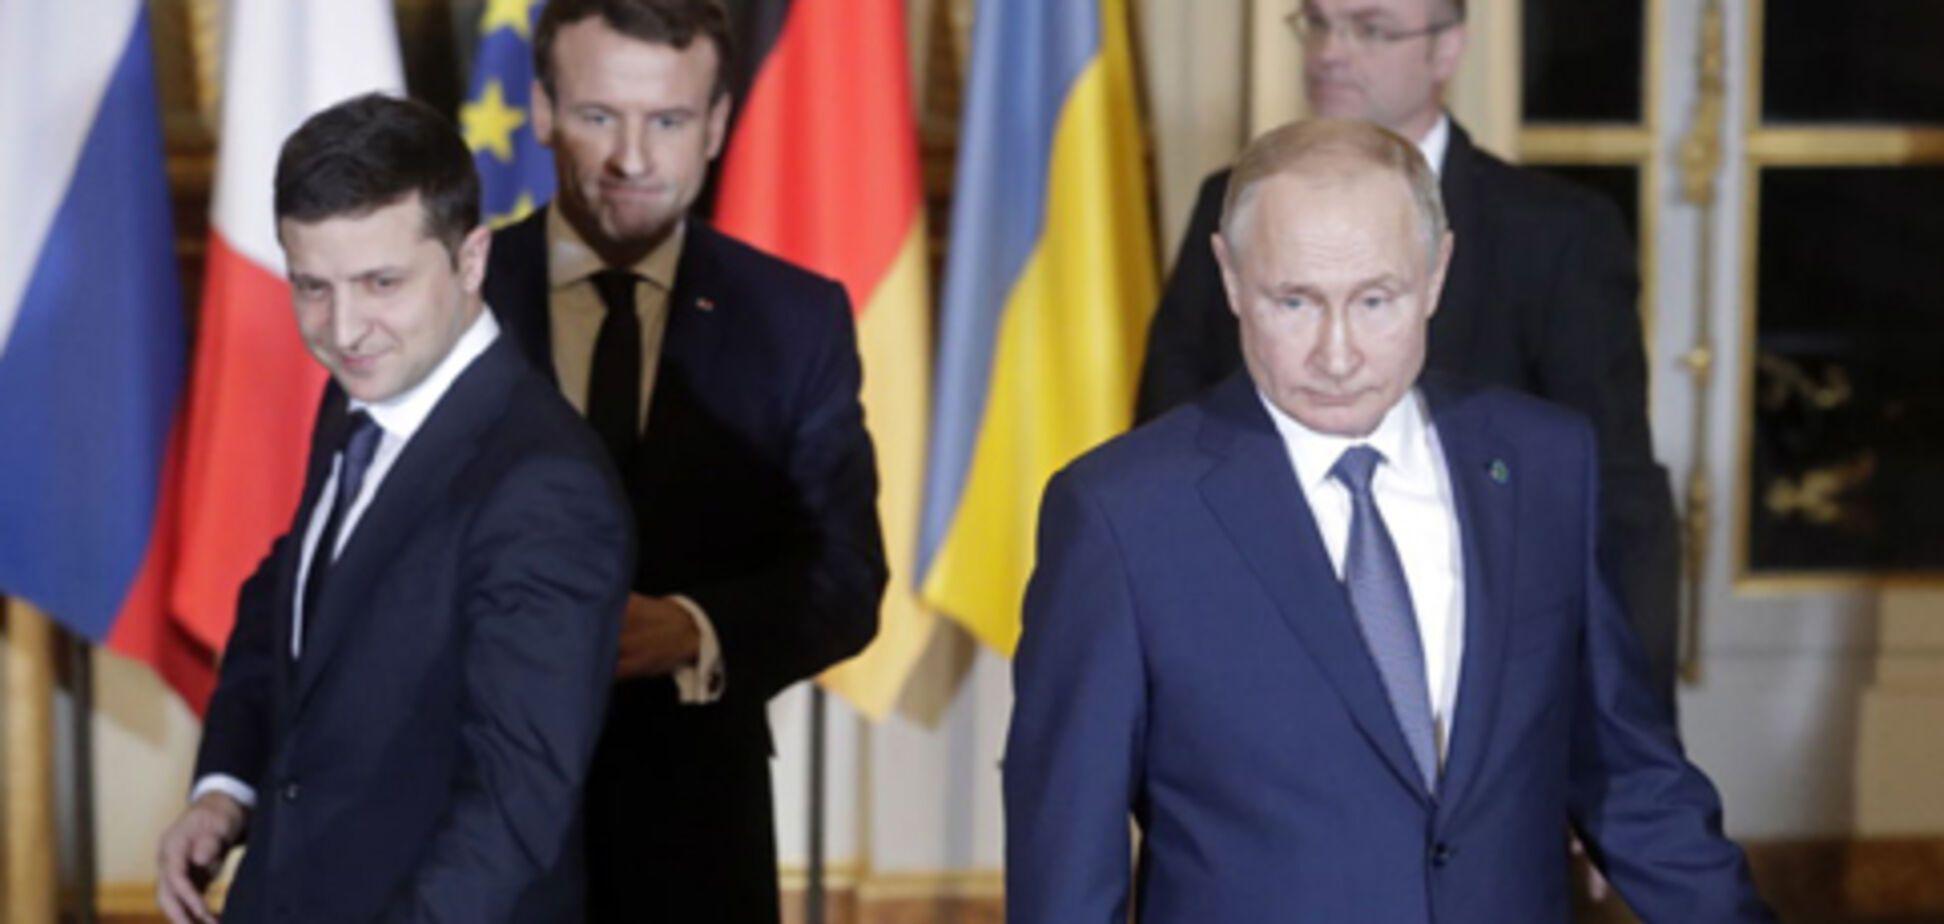 Кремль, видимо, окончательно 'забил' на переговоры с Зеленским